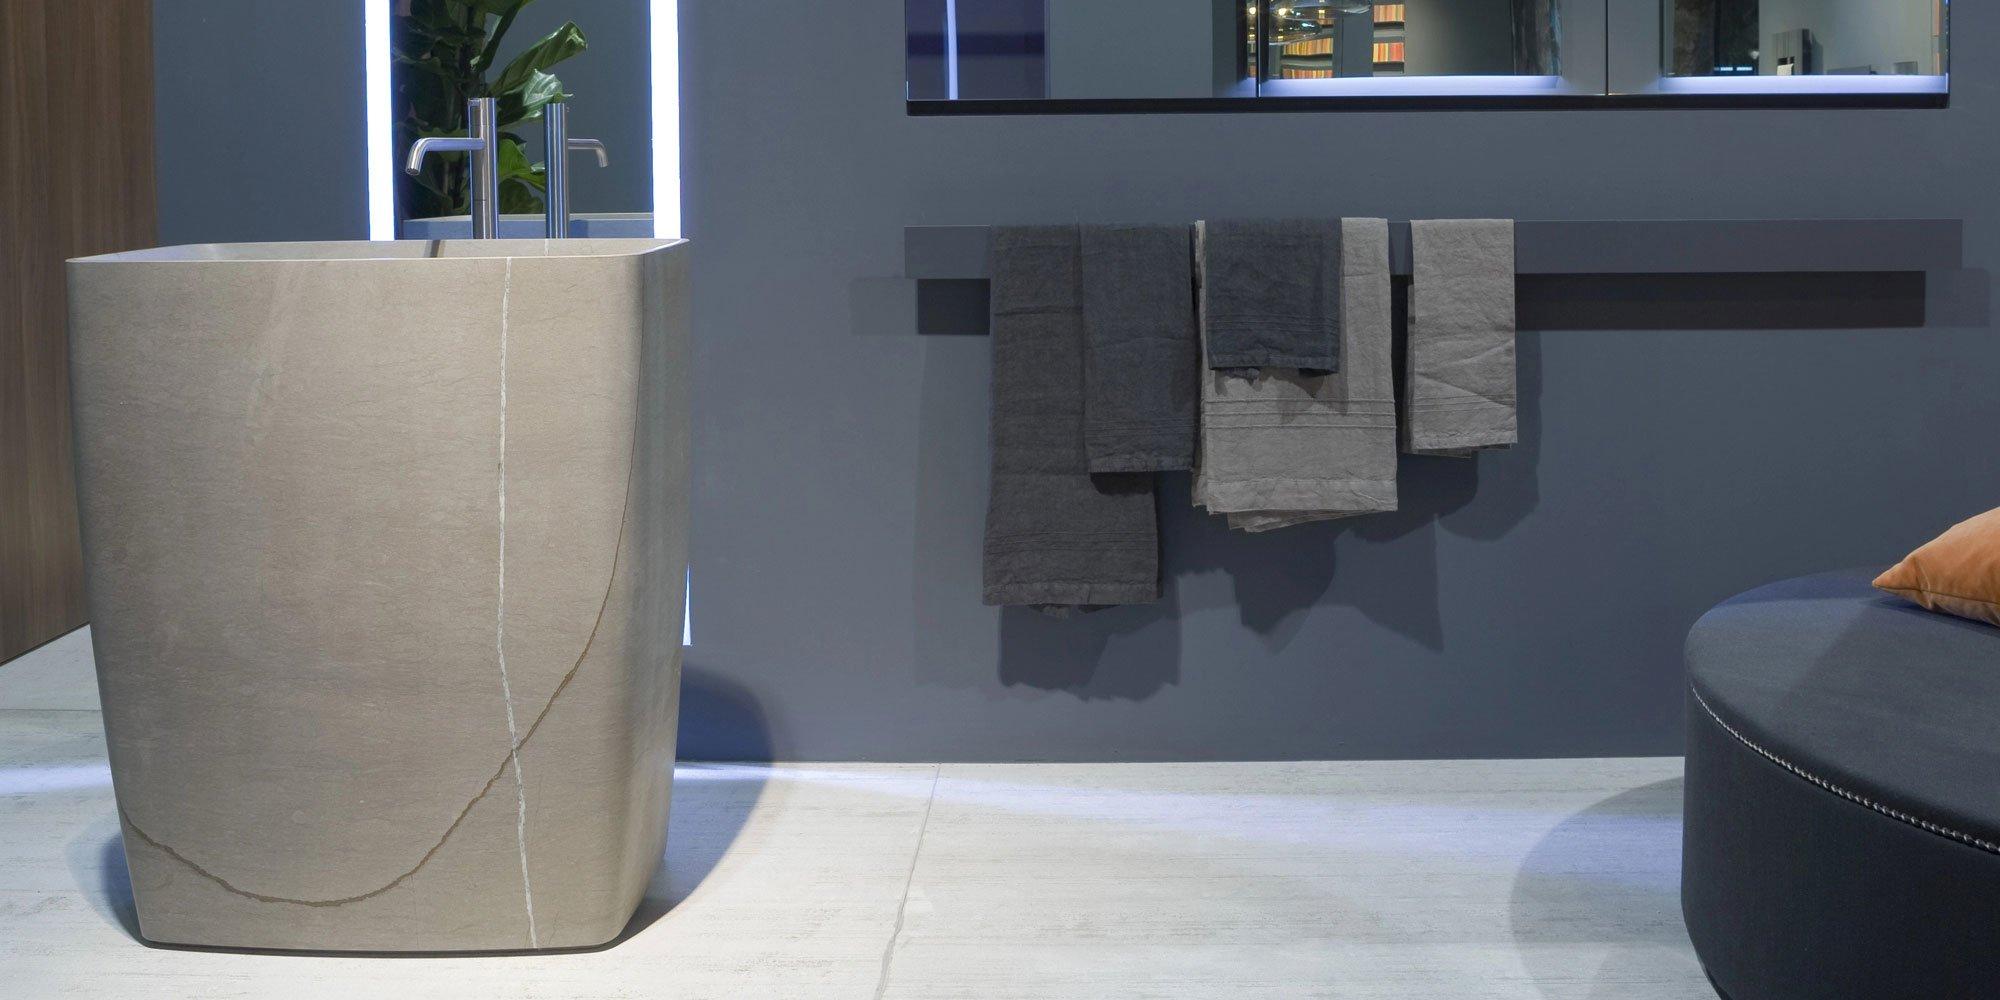 antonio lupi waschbecken waschtisch tender designbest. Black Bedroom Furniture Sets. Home Design Ideas